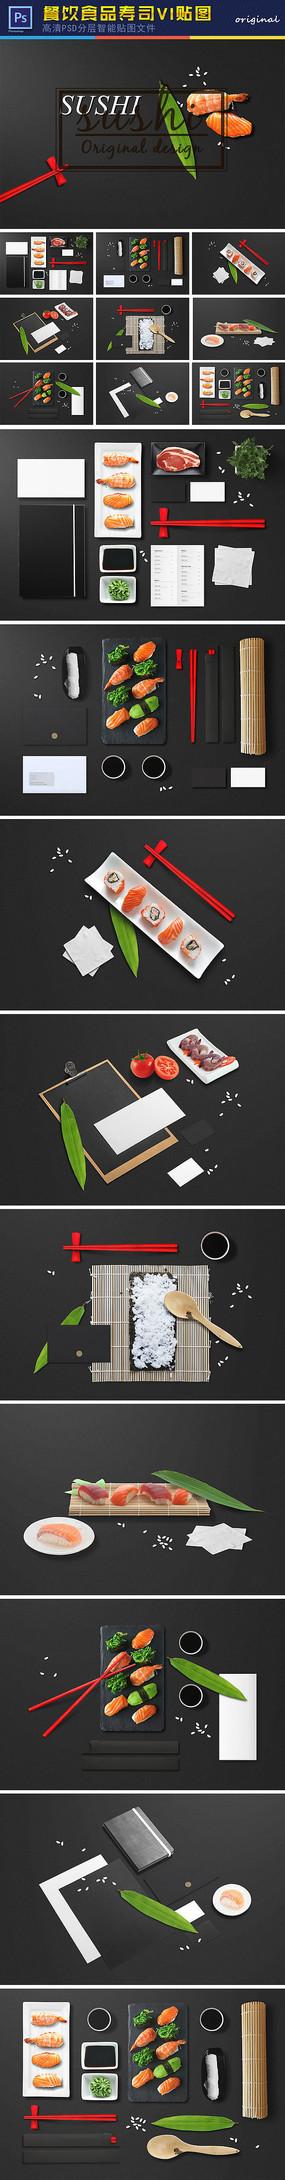 餐饮寿司店VI模板样机设计